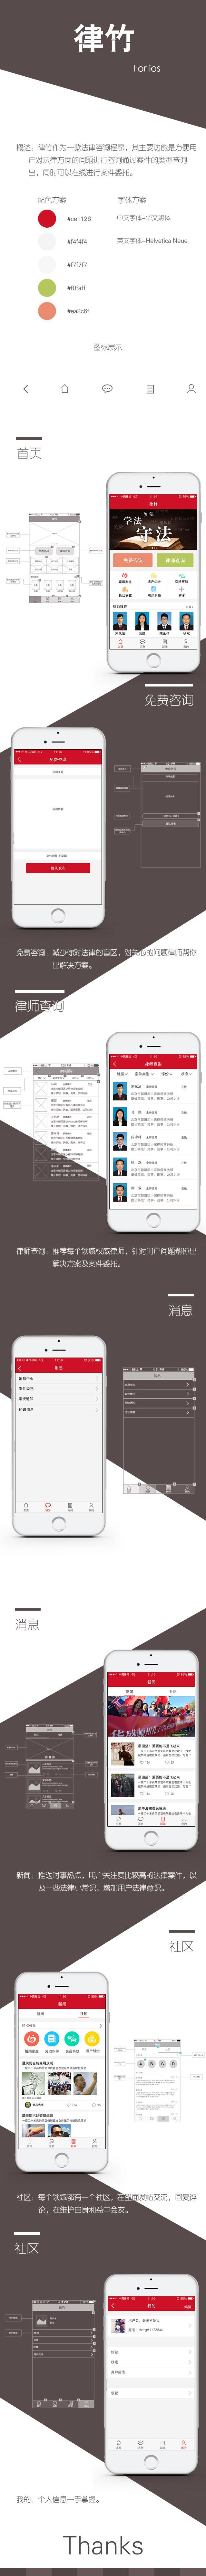 律竹app界面设计